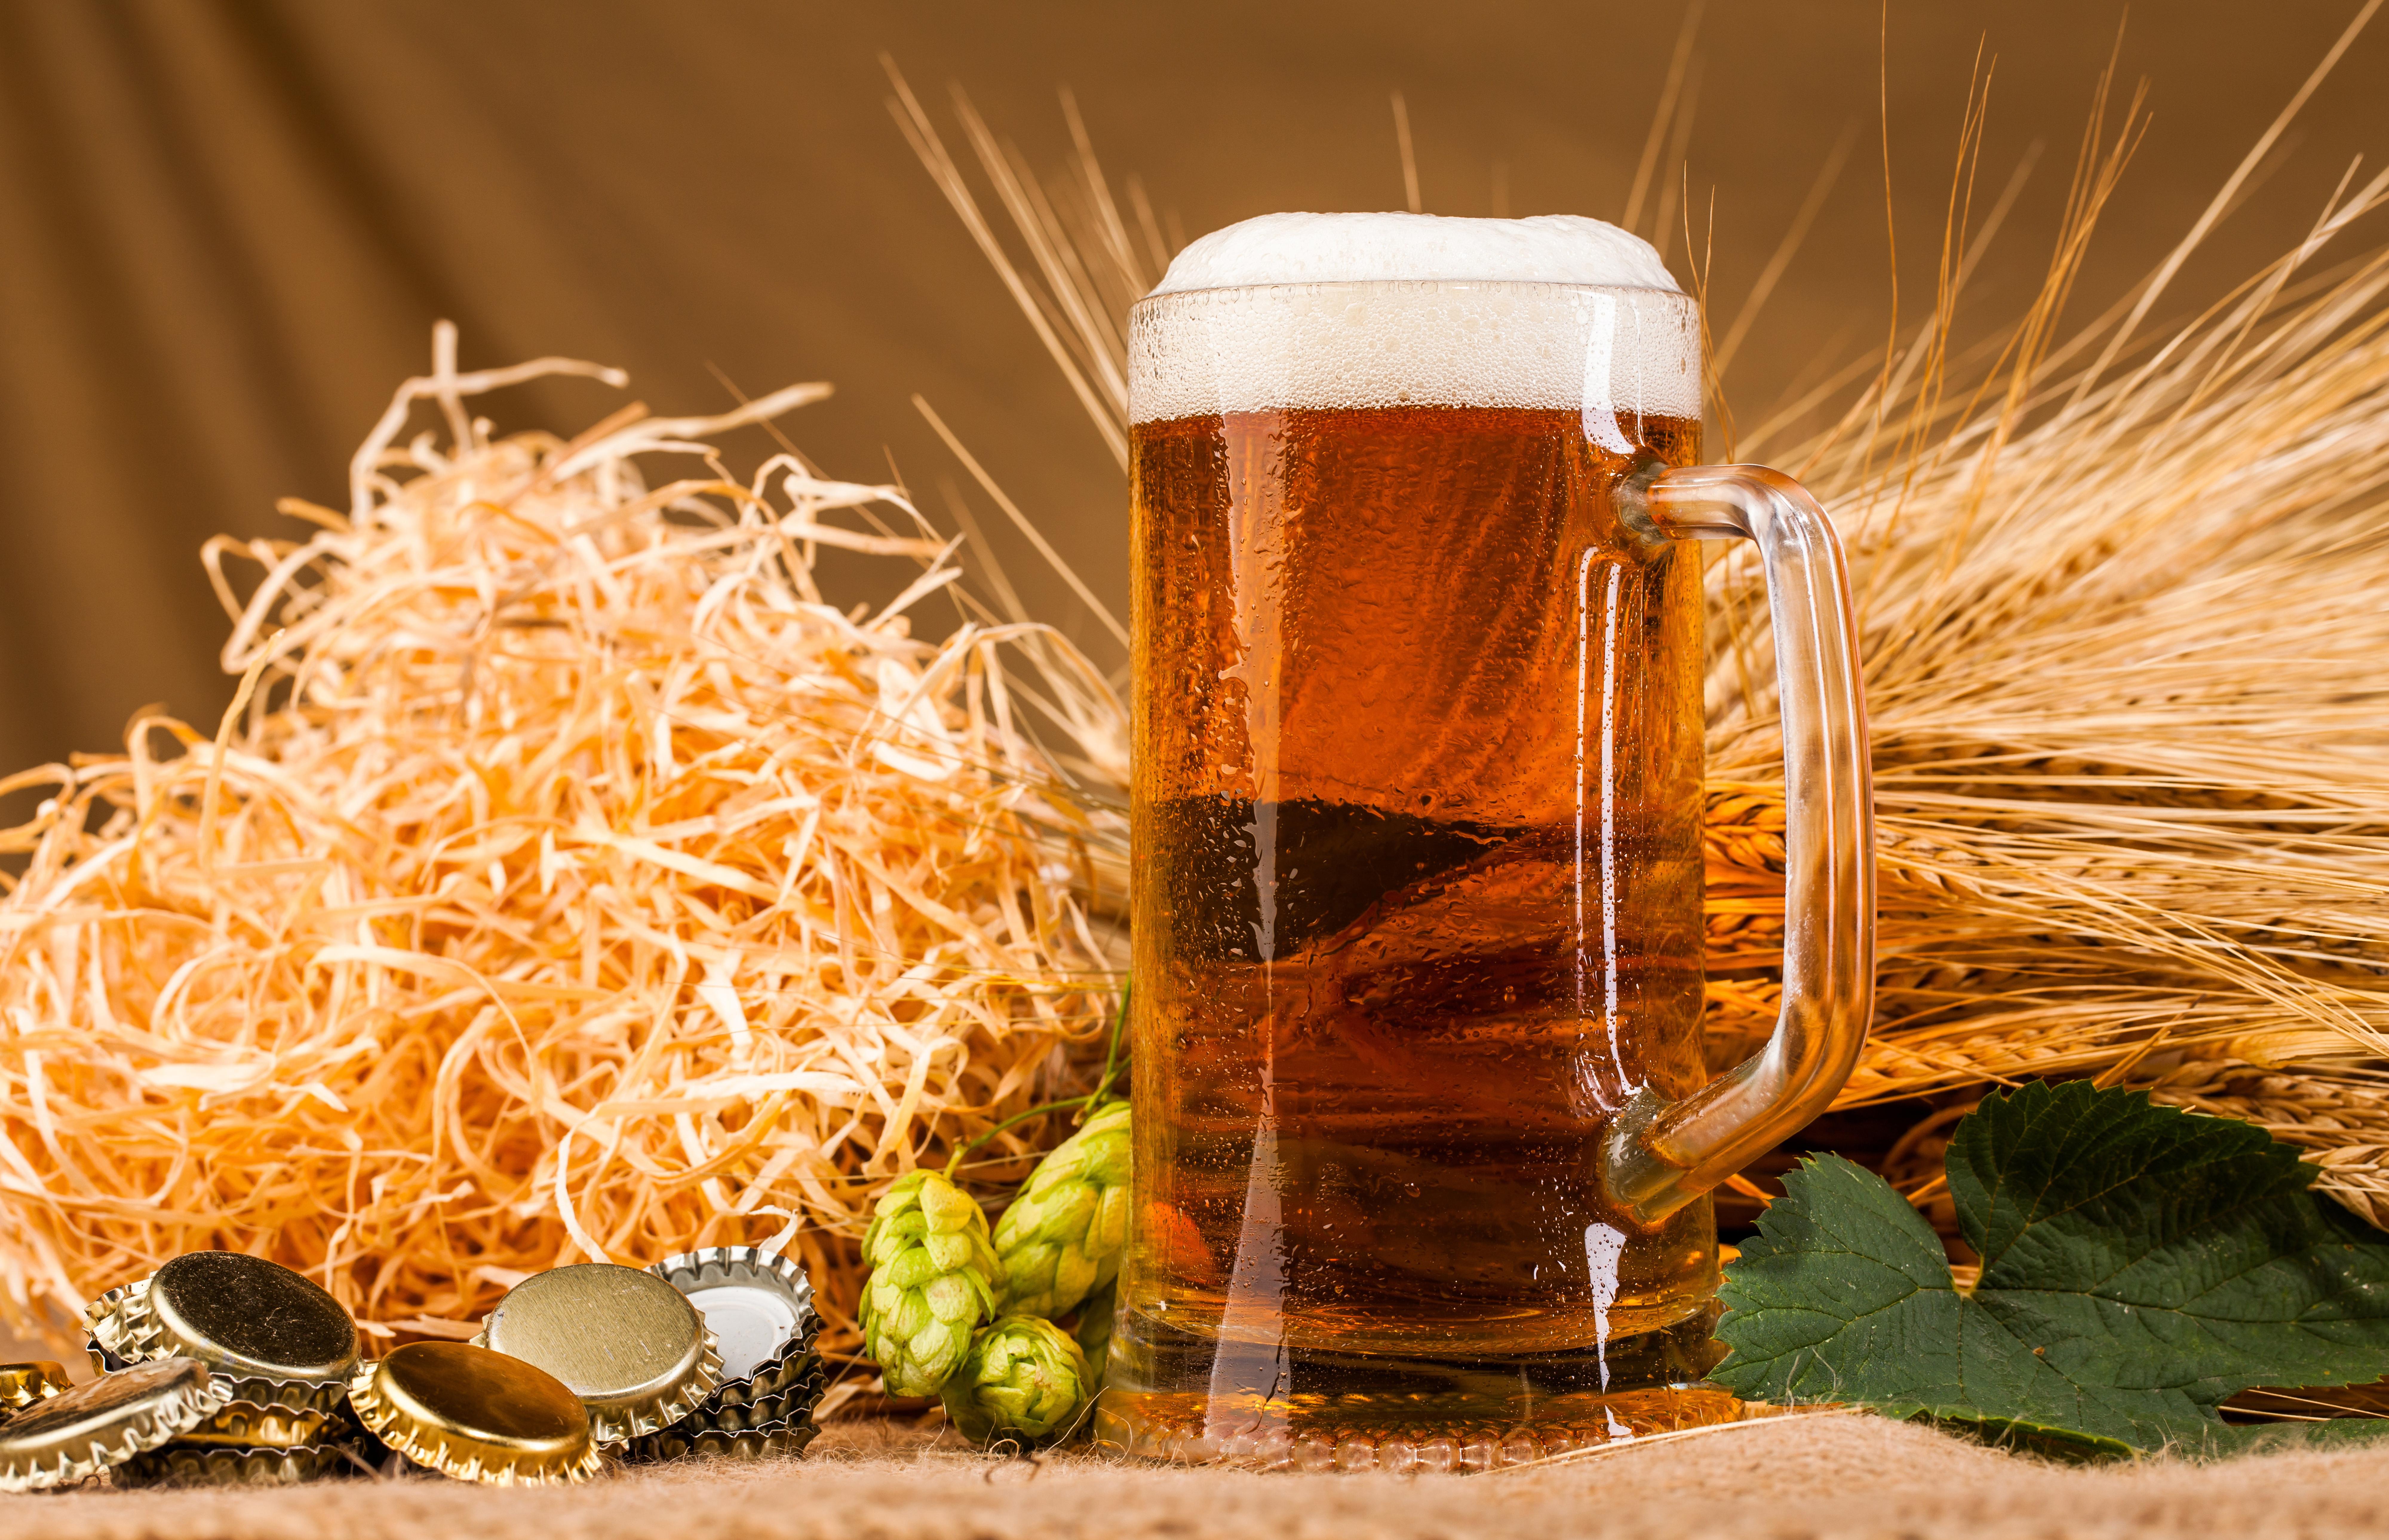 настоящее картинки про пиво в хорошем качестве первом